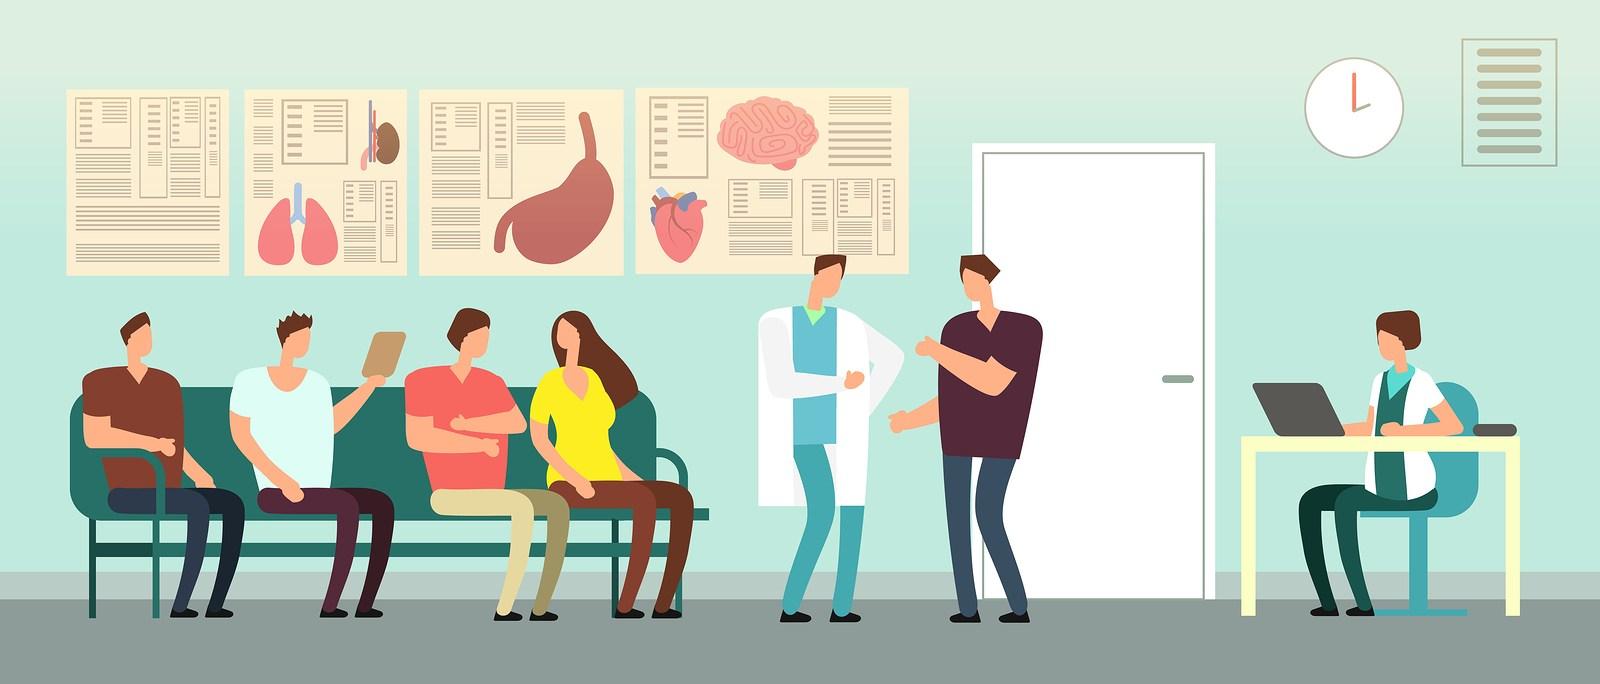 Recepção de clínicas médicas | Dental Office